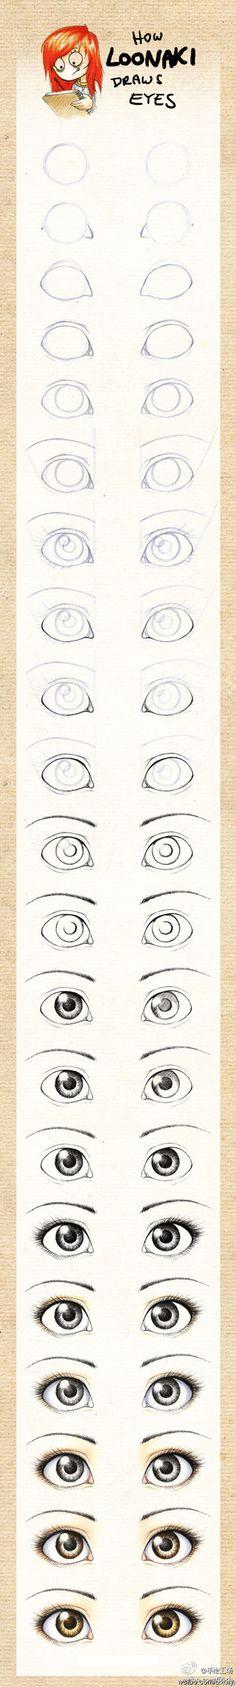 【超级经典:眼睛画法手绘教程】从线稿到简单上色,过程描述的很清楚,喜欢手绘的童鞋快收~!